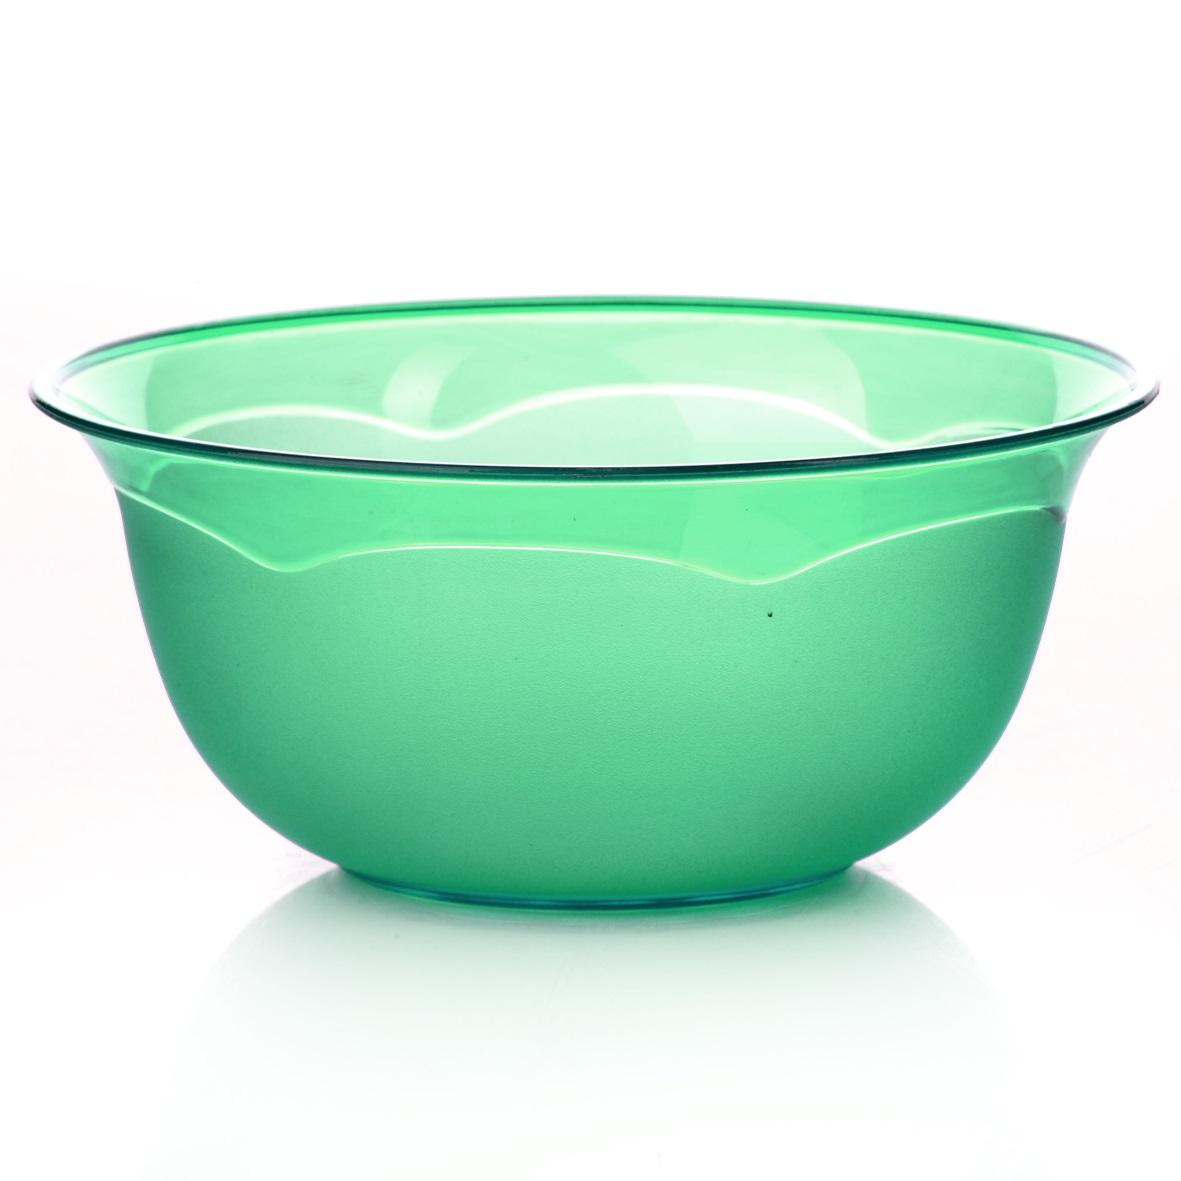 Миска Dunya Plastik, цвет: зеленый, 0,5 л54 009312Миска Dunya Plastik изготовлена из пищевого пластика круглой формы. Внешние стенки миски матовые. Изделие очень функционально, оно пригодится на кухне для самых разнообразных нужд: в качестве салатника, миски, тарелки и т.д.Можно мыть в посудомоечной машине.Объем: 0,5 л.Диаметр миски: 14 см.Высота стенки: 6,1 см.